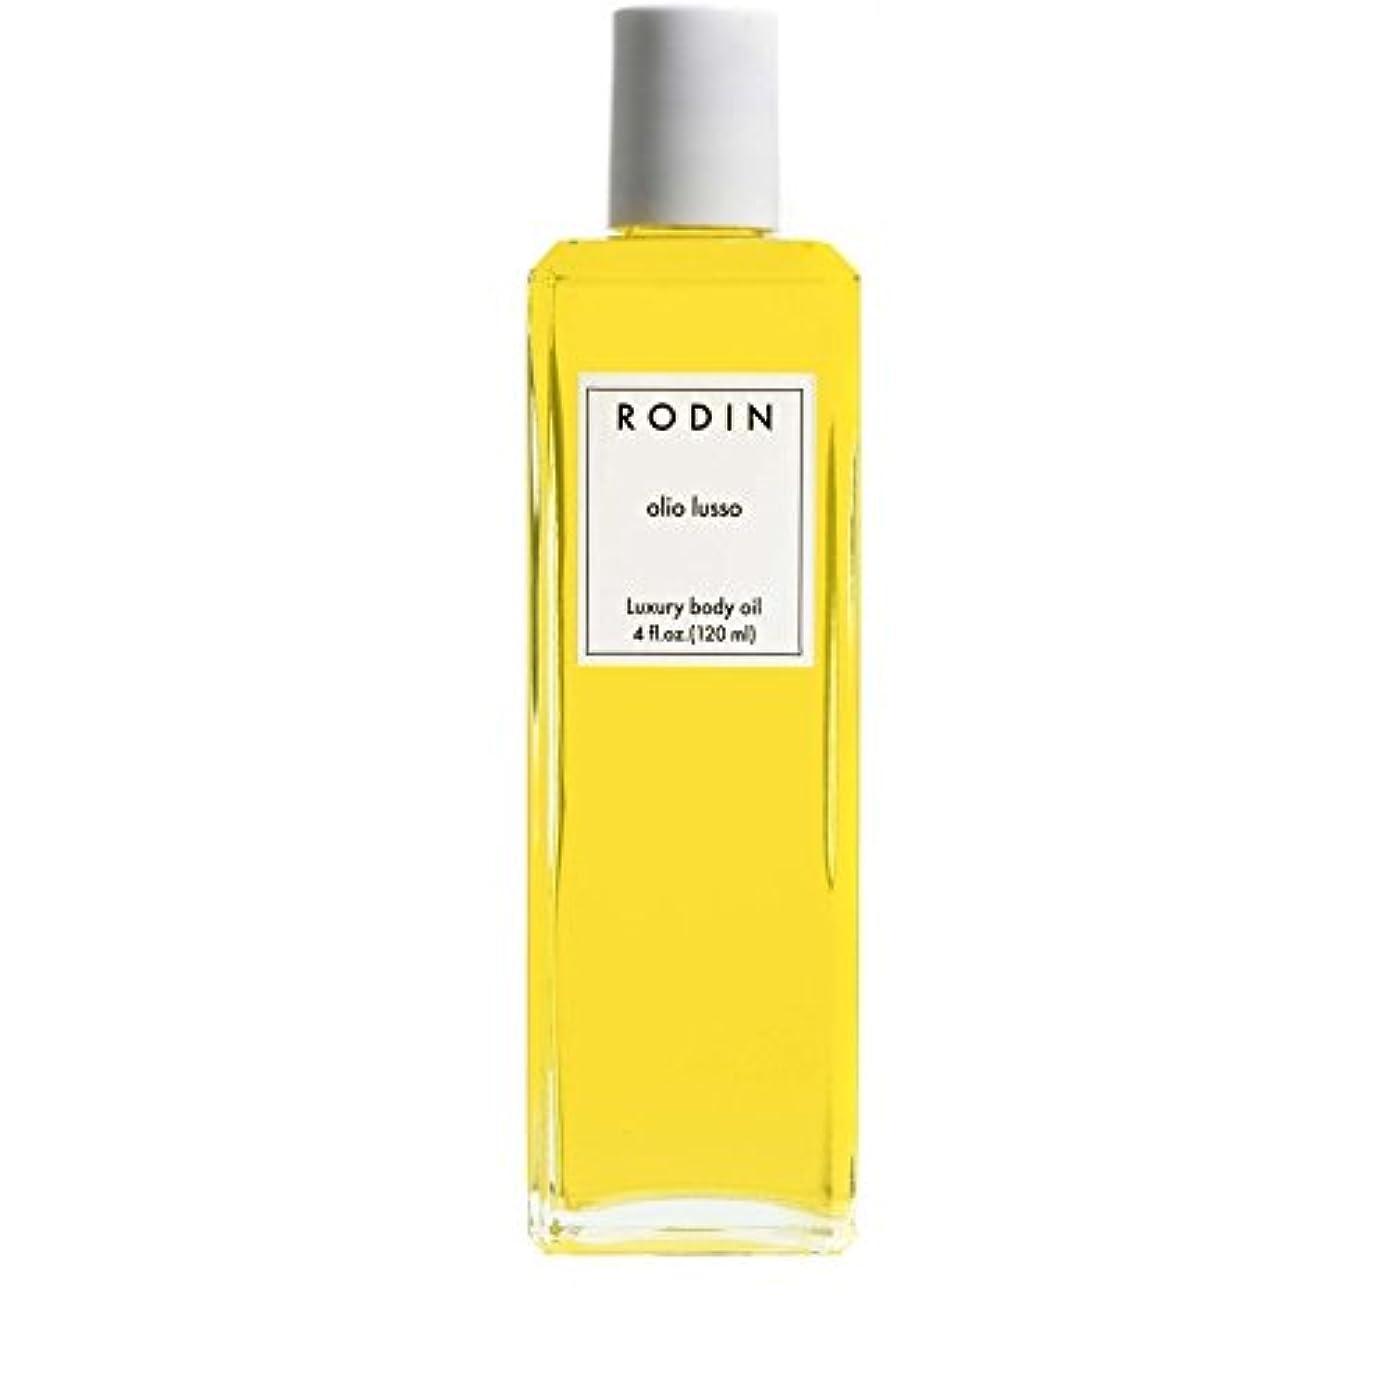 反射レクリエーション不規則性RODIN olio lusso Jasmine & Neroli Luxury Body Oil 120ml - ロダンルッソジャスミン&ネロリ贅沢なボディオイル120ミリリットル [並行輸入品]